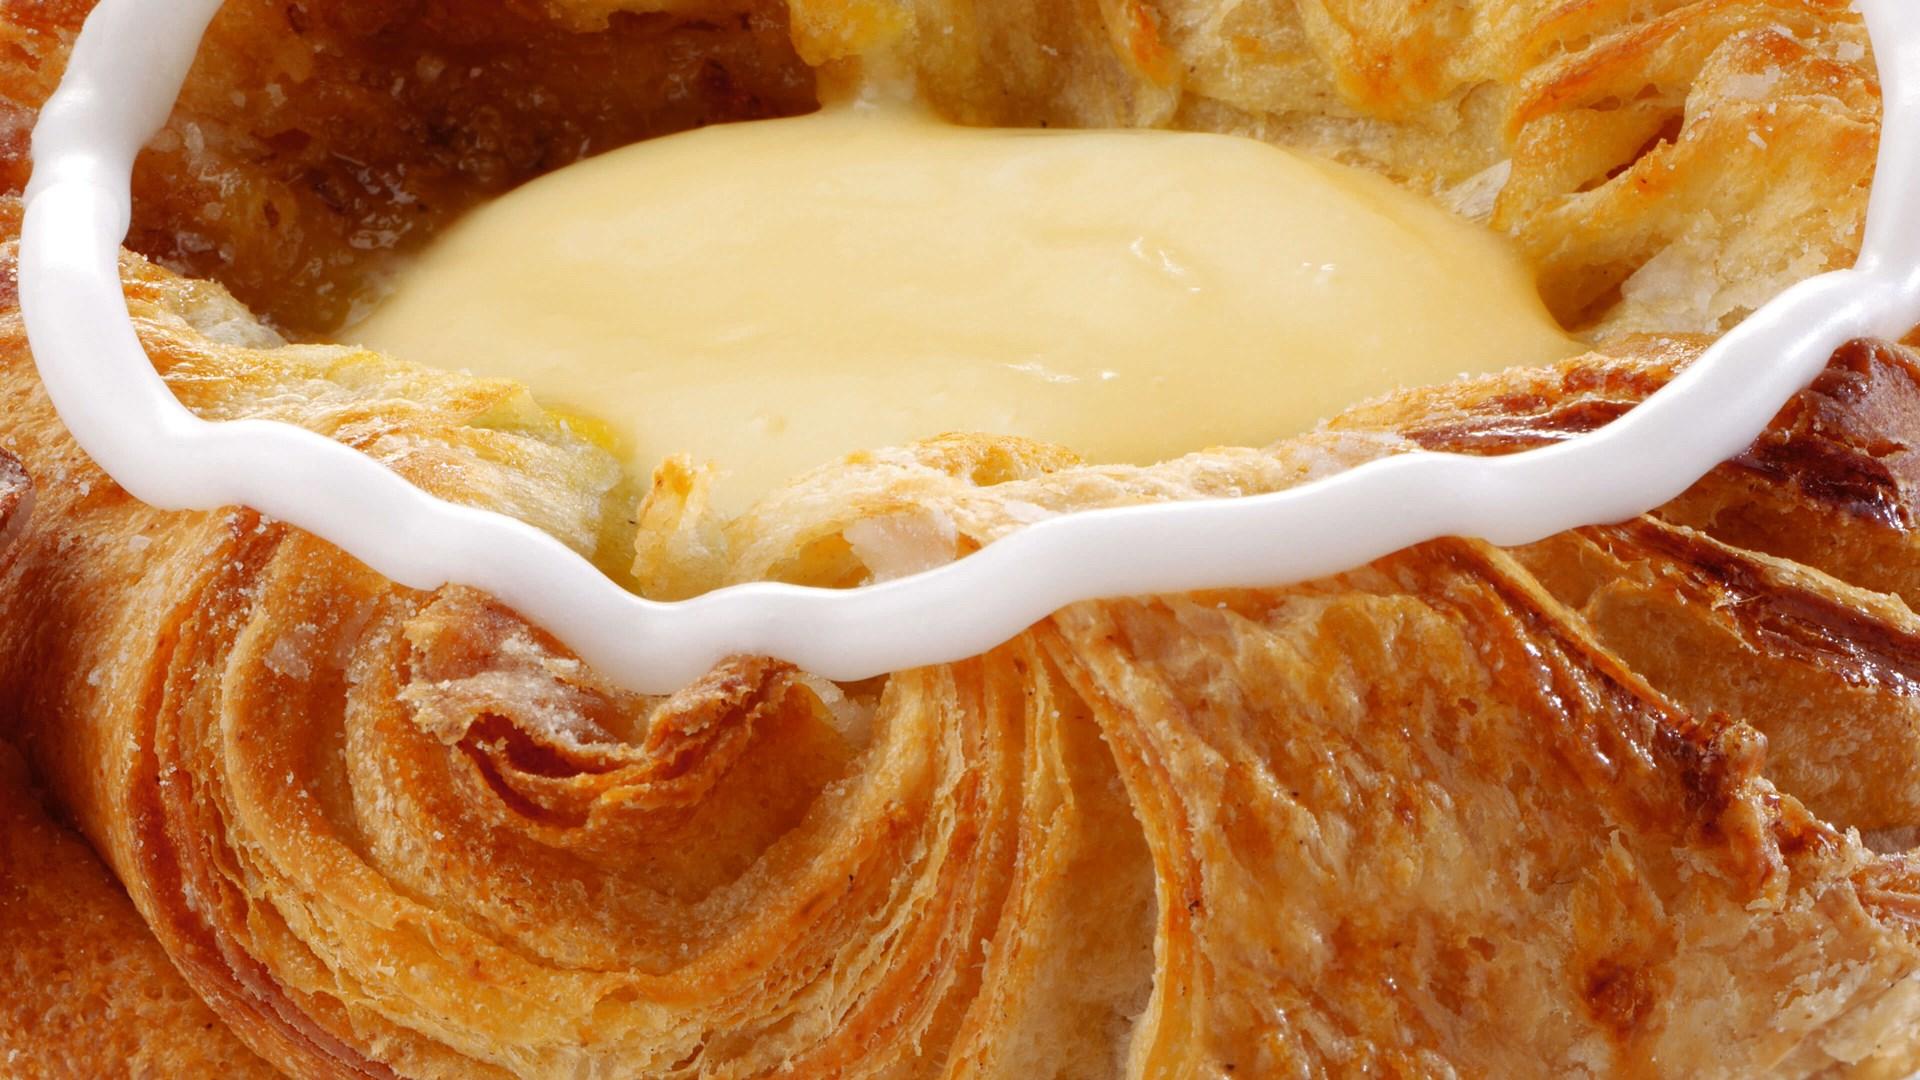 用帕尔斯加乳化剂制成的丹麦糕点